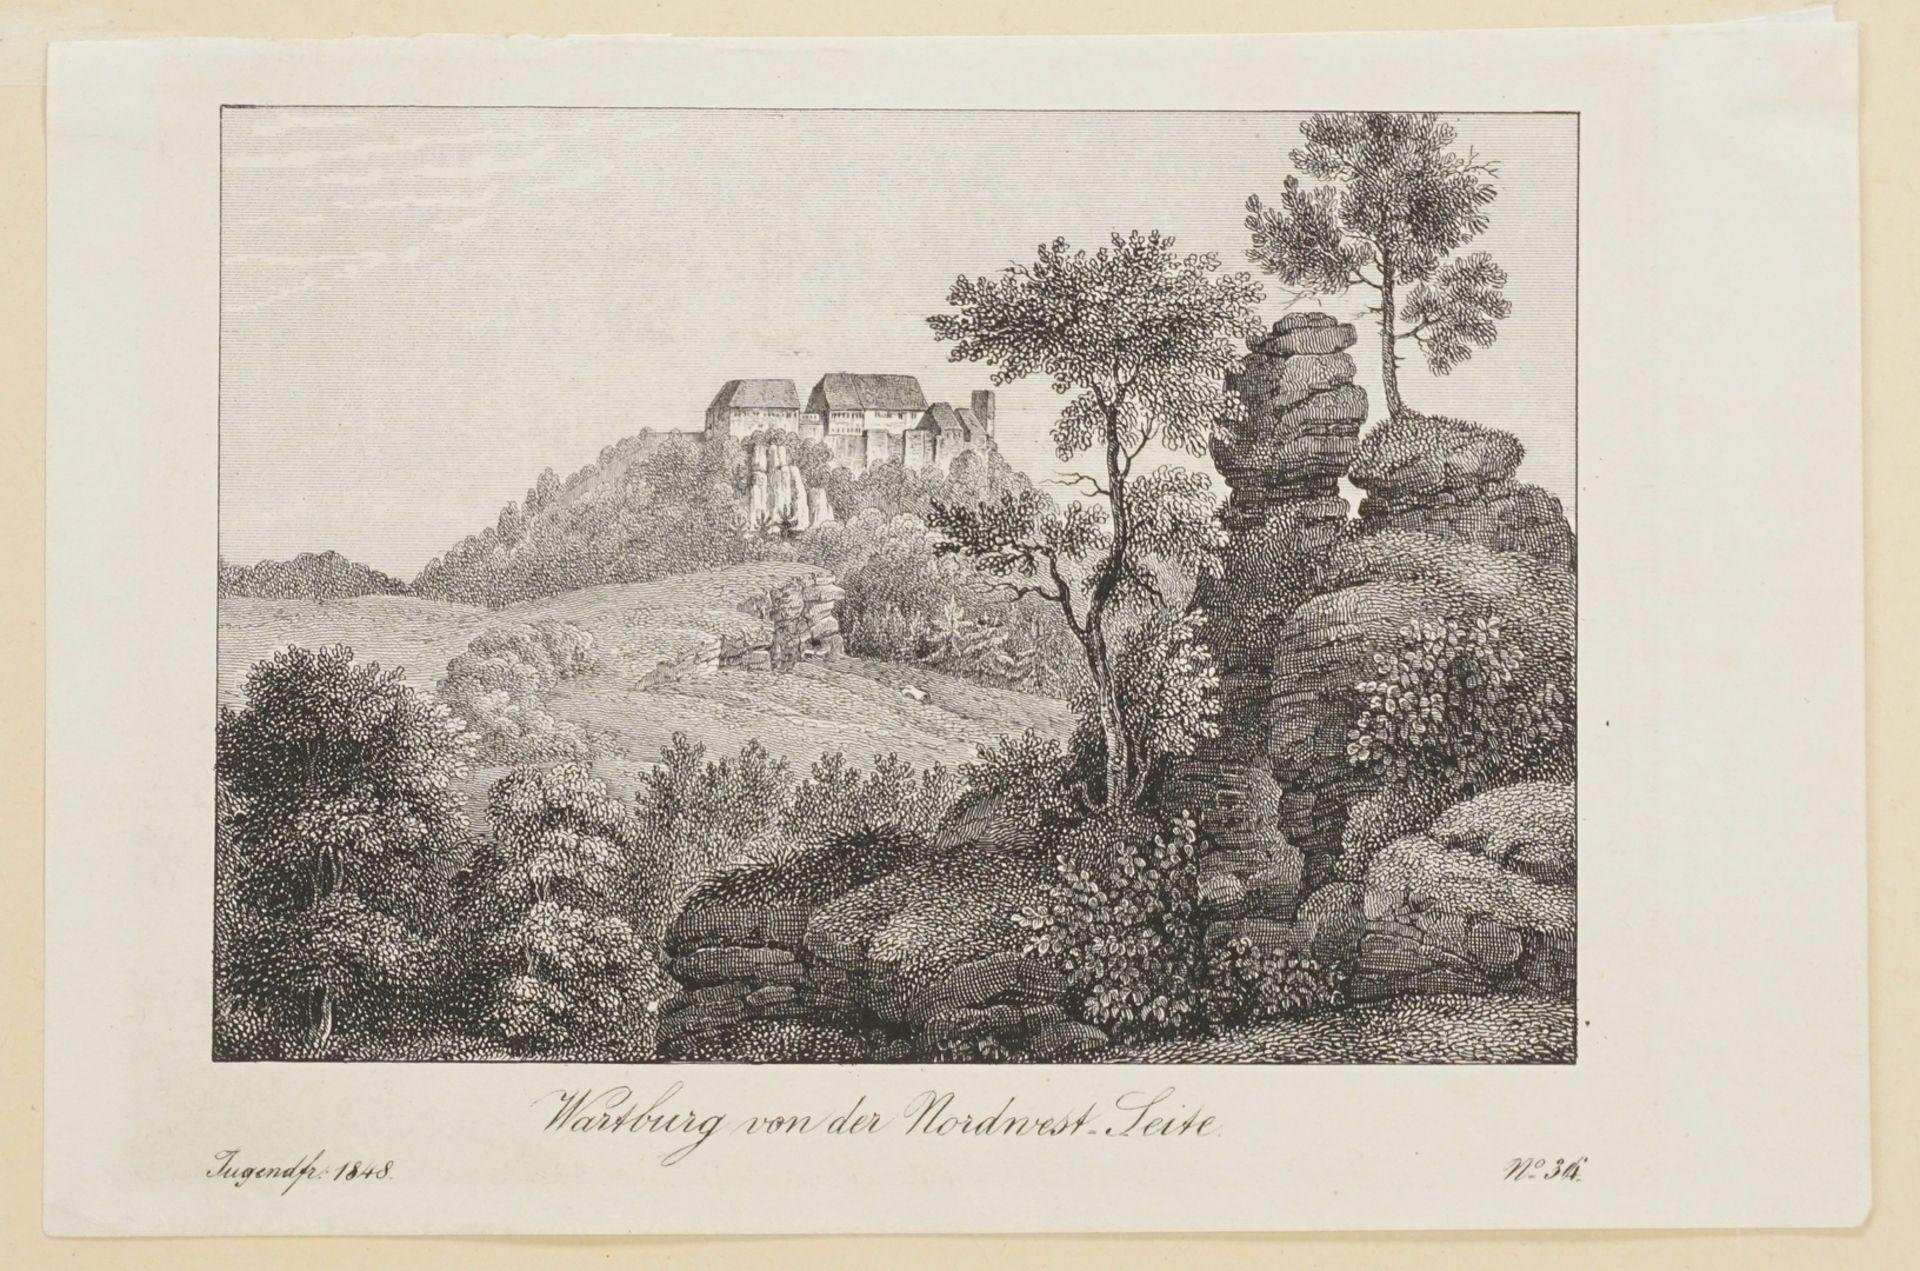 Drei Blatt zur Wartburg bei Eisenach - Bild 4 aus 4